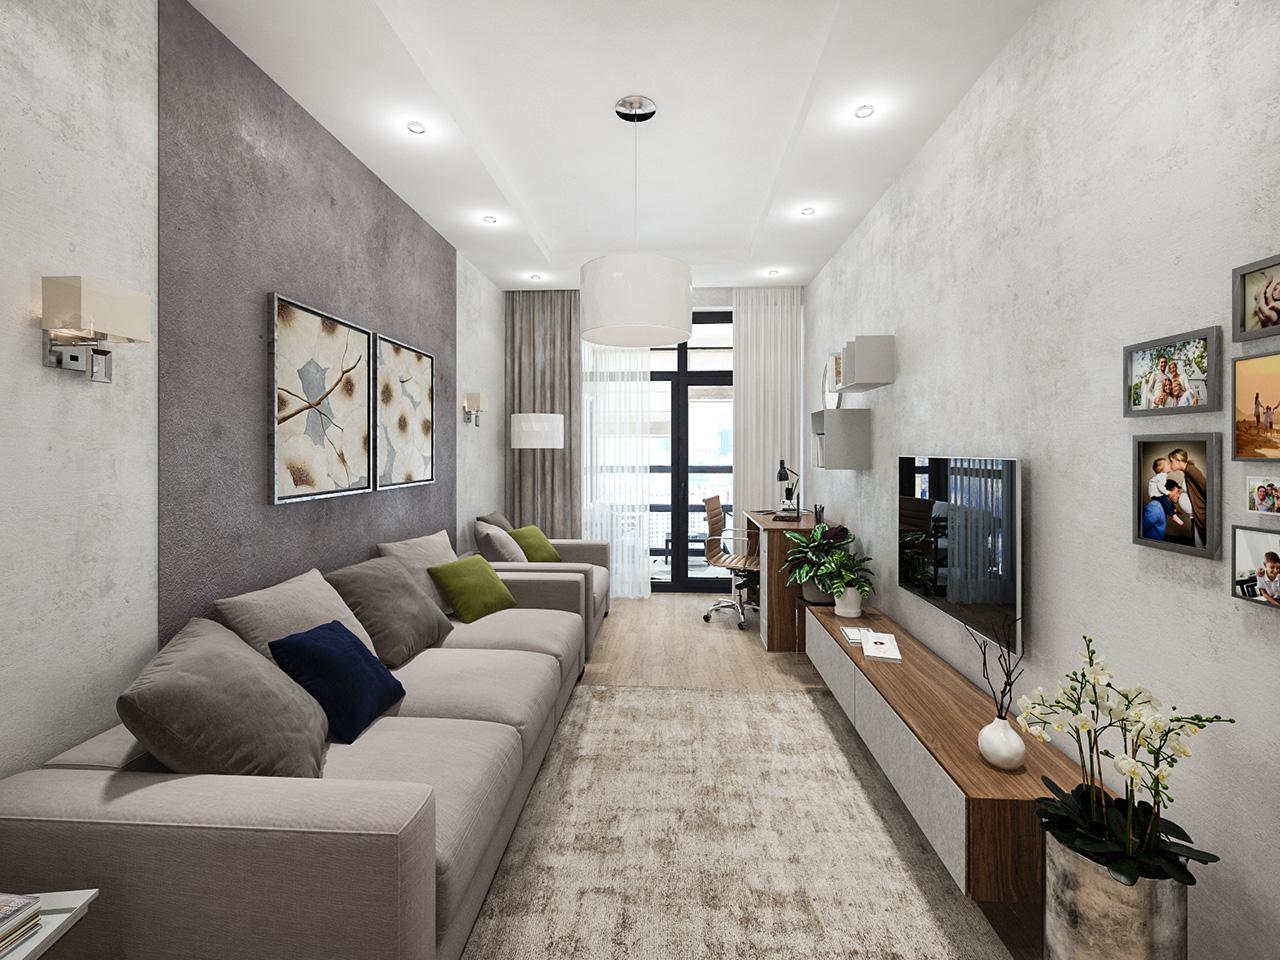 Дизайн интерьера однокомнатной квартиры в ЖК Береговой, г. Москва